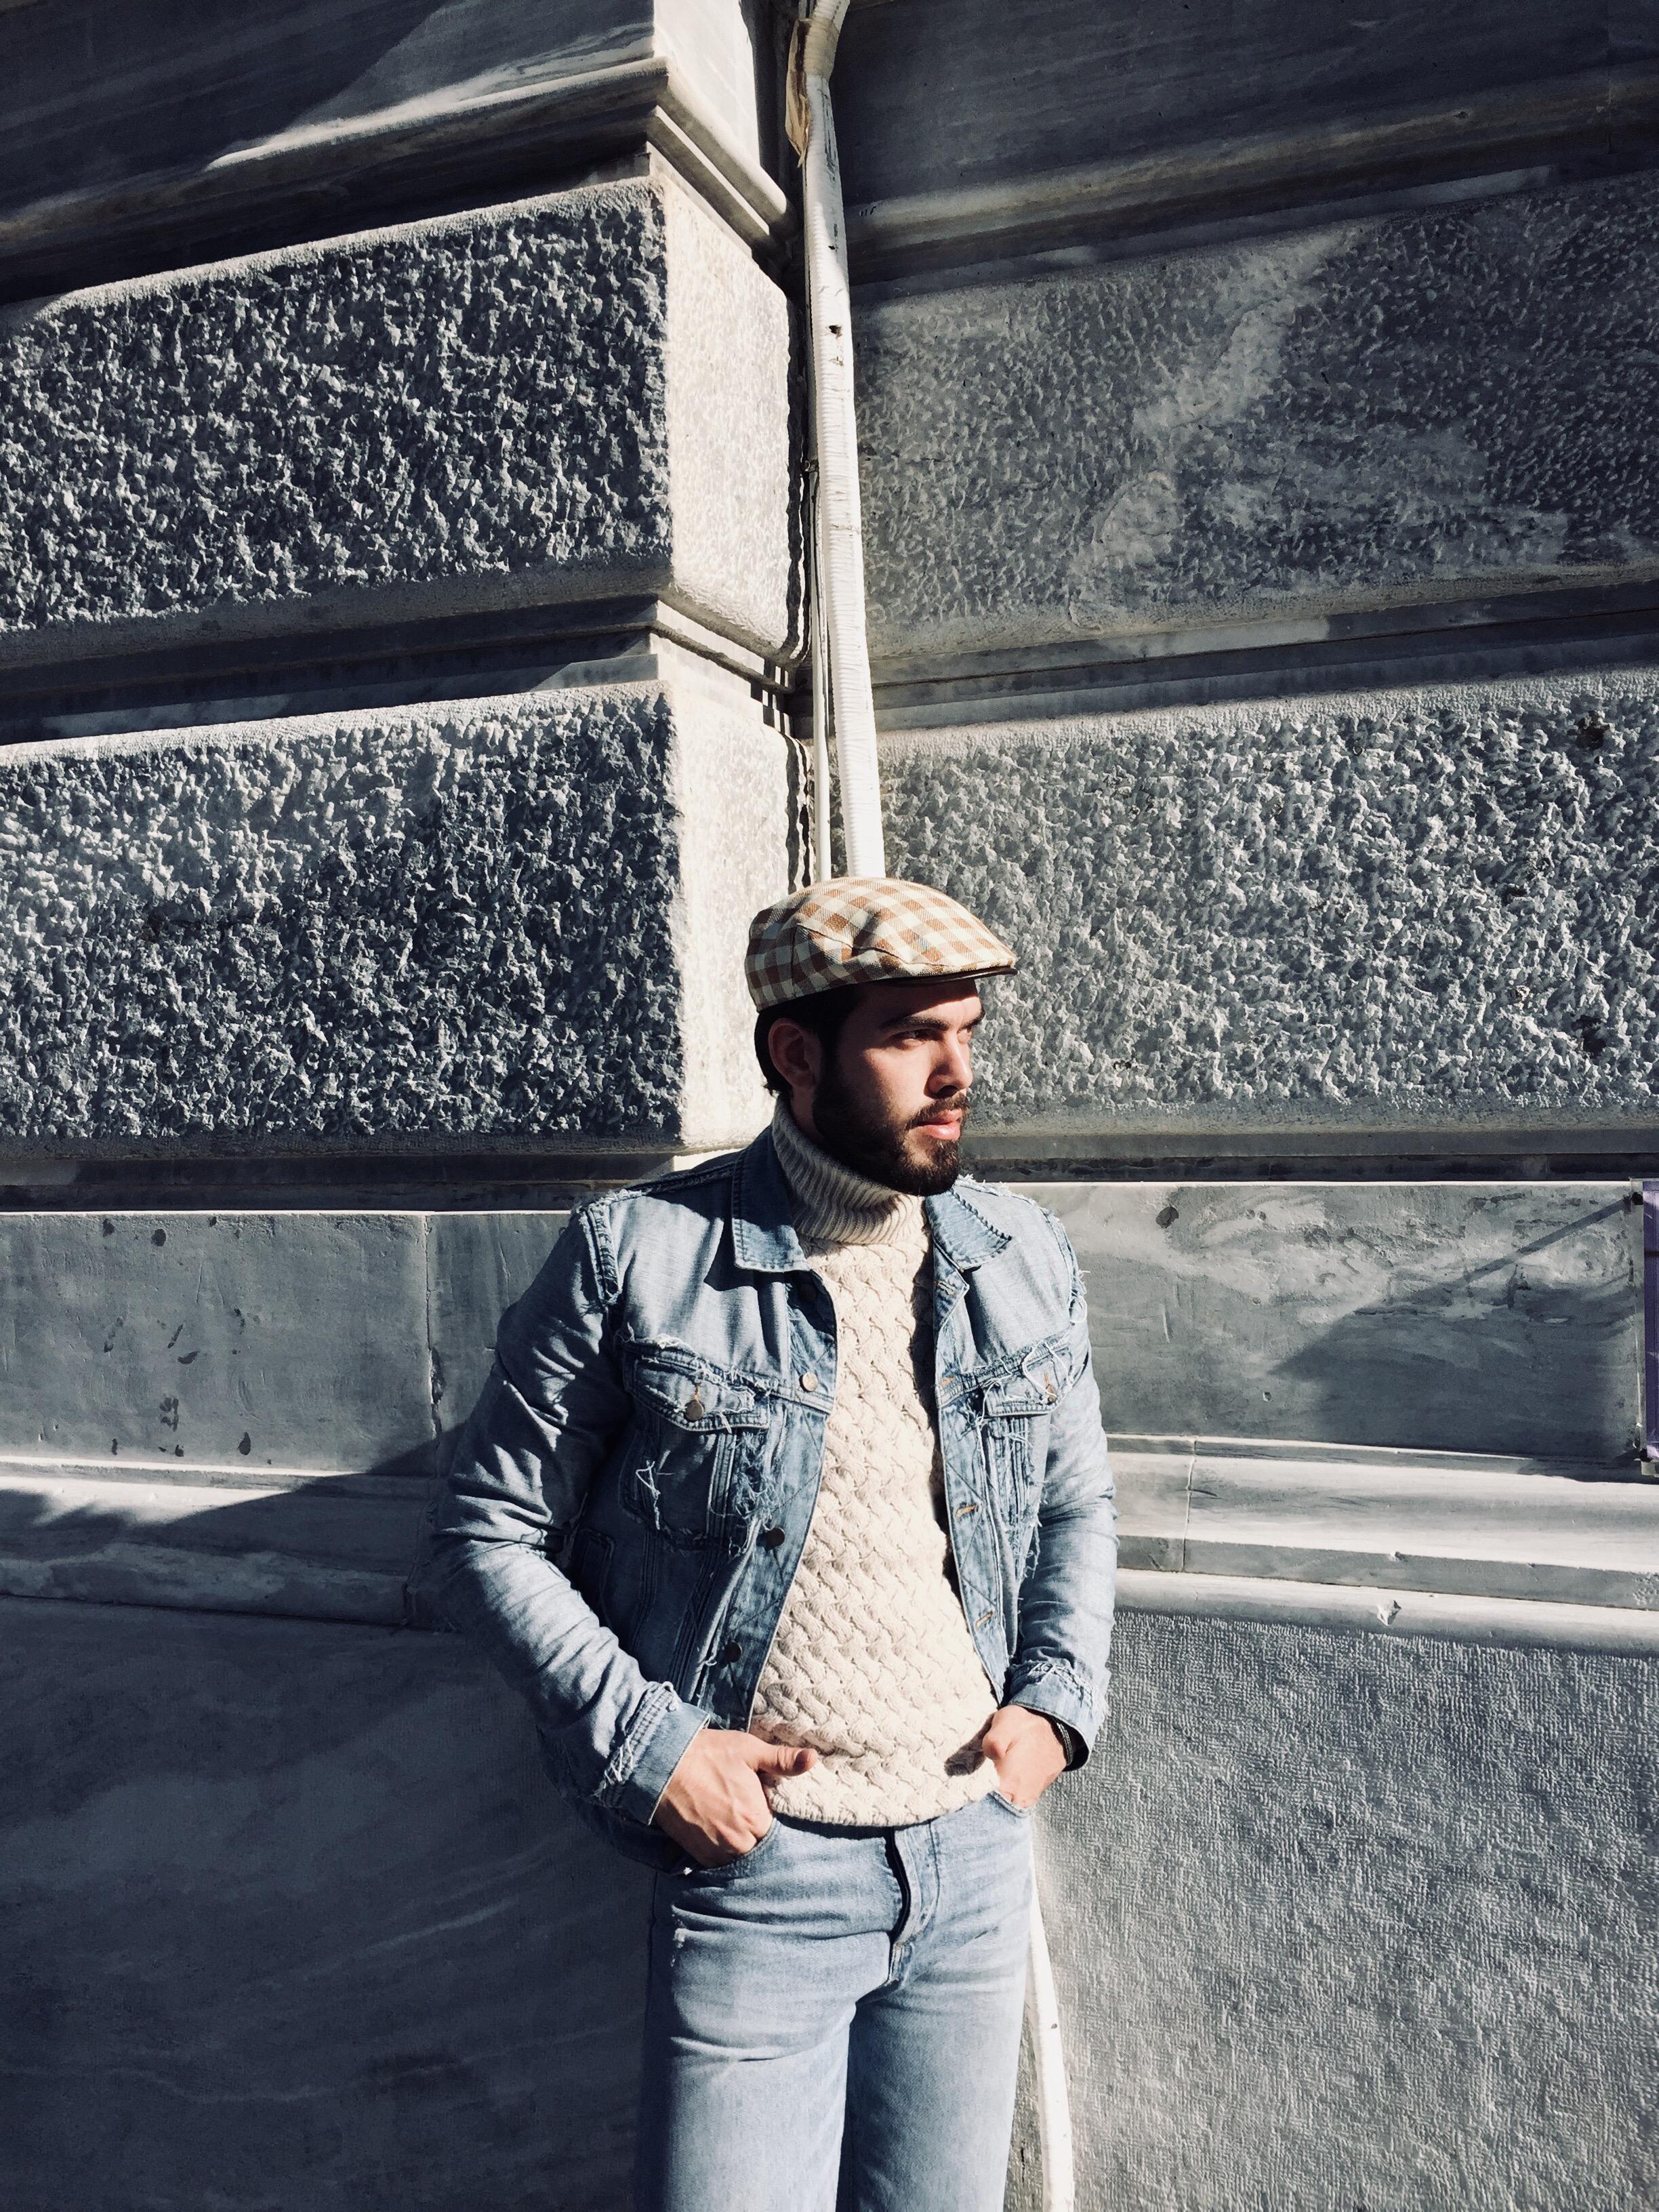 Jean Jacket: Maison Margiela / Jean: Zara / Knitwear: Massimo Dutti / Hat: Vintage